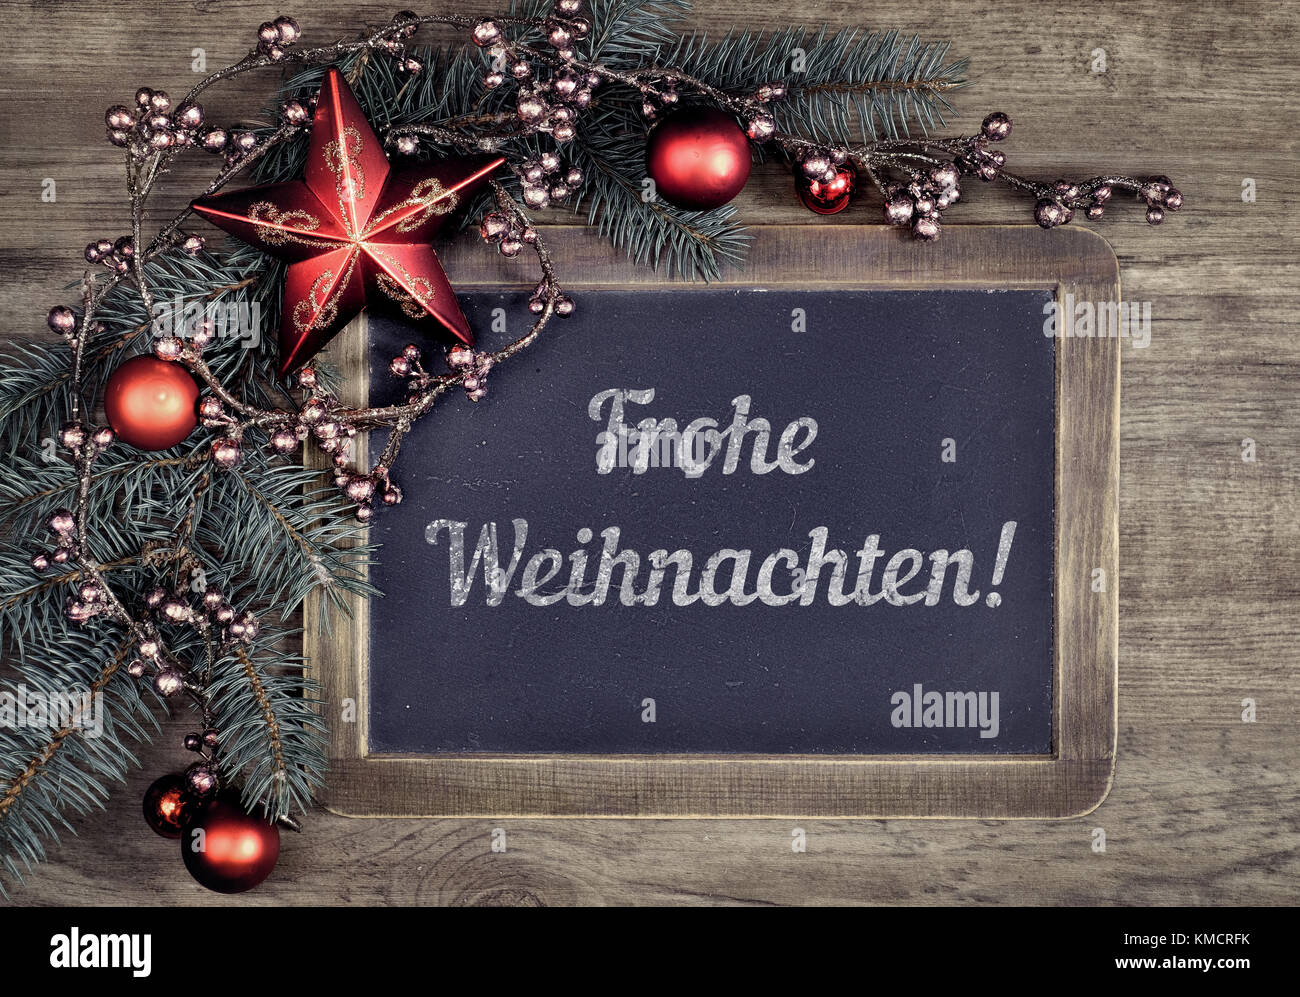 Grüße Frohe Weihnachten.Tafel Mit Gruß Text Frohe Weihachten Oder Frohe Weihnachten In